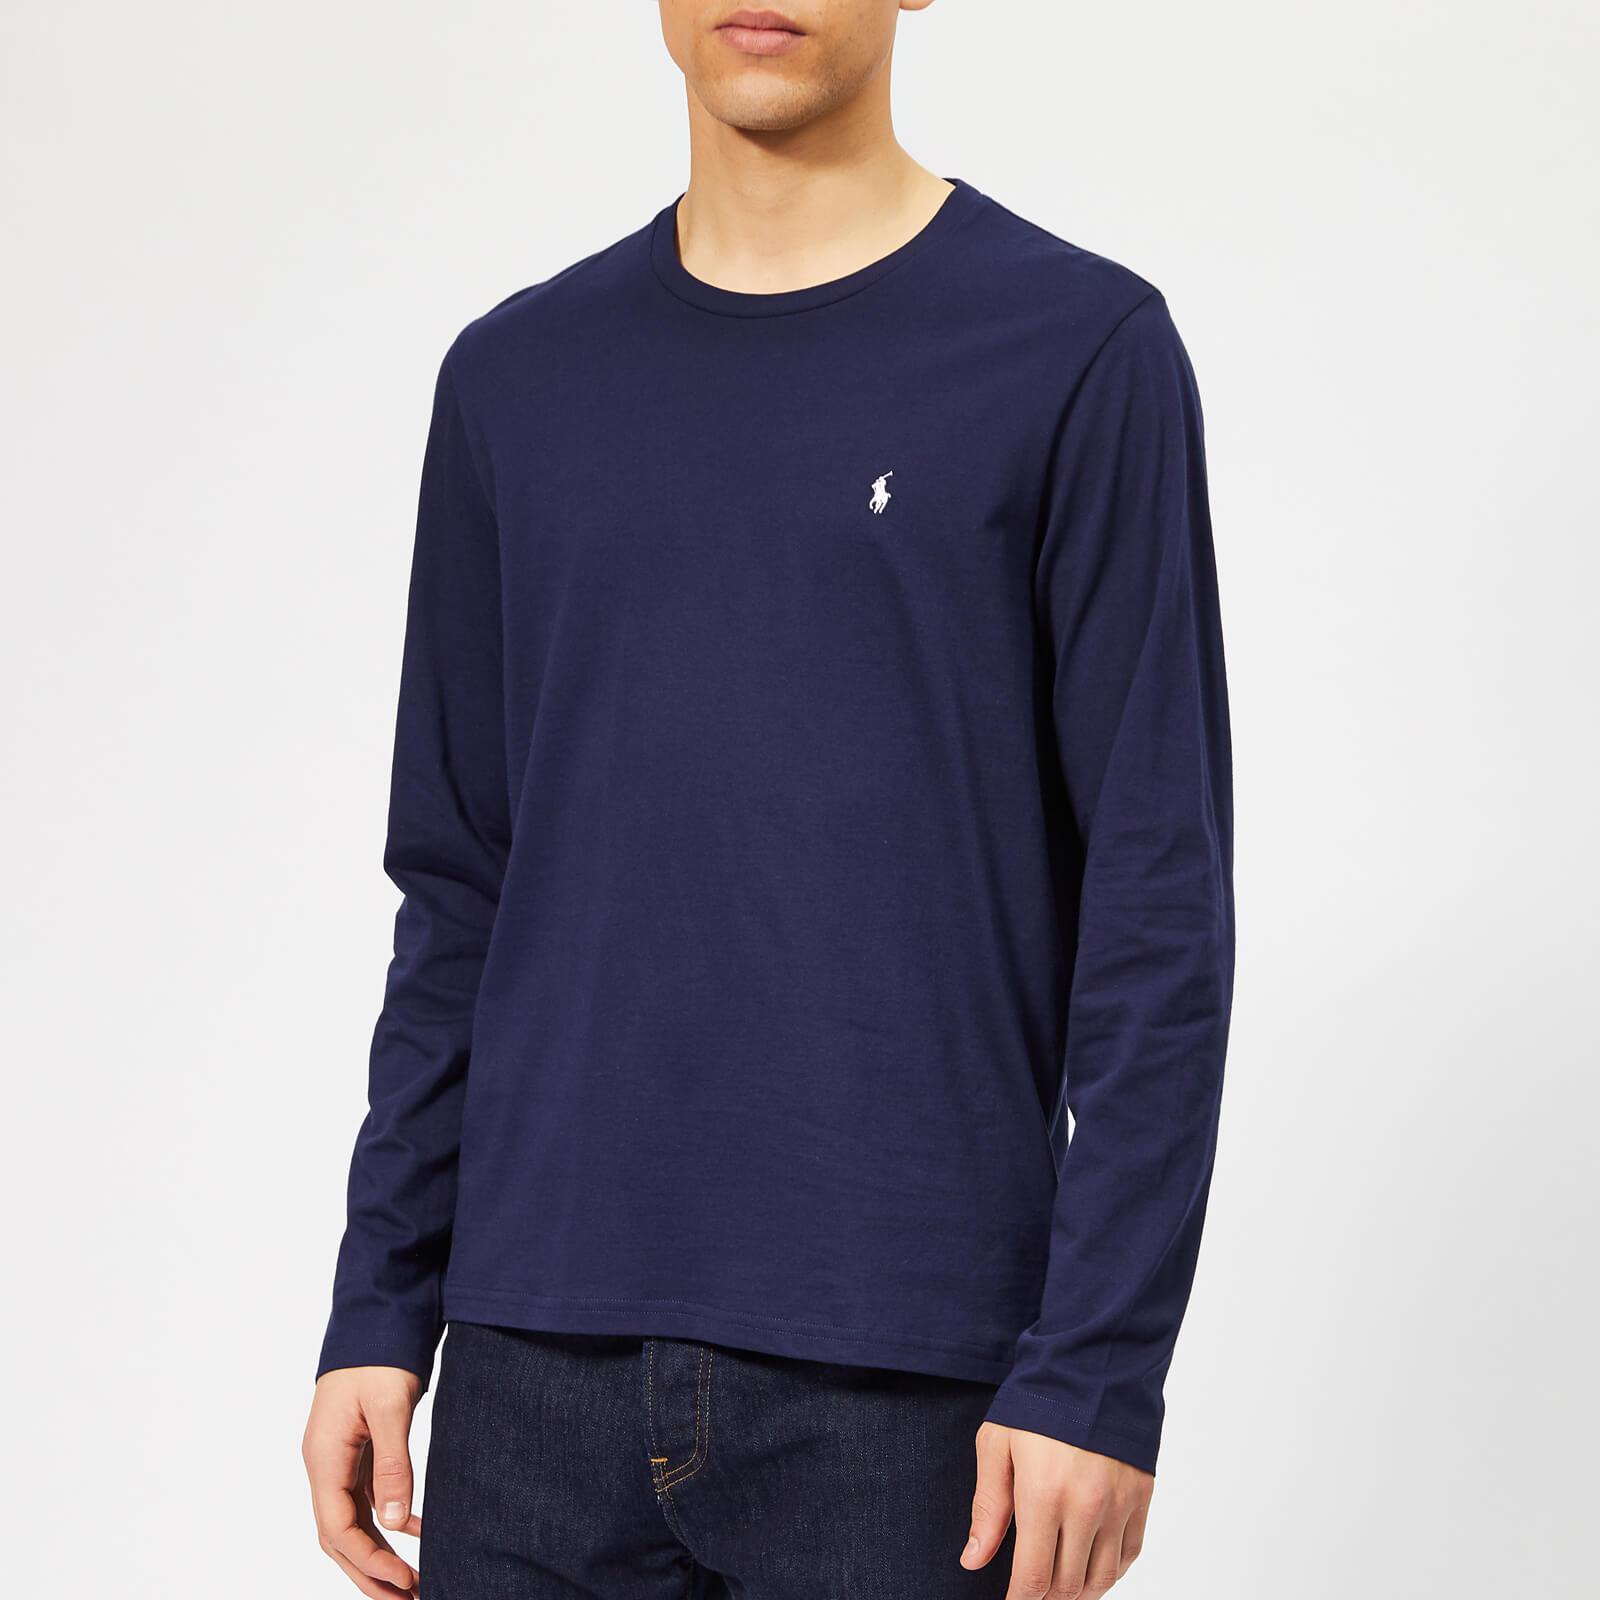 80d52126 Polo Ralph Lauren Men's Cotton Jersey Long Sleeve T-Shirt - Cruise Navy  Mens Clothing | TheHut.com